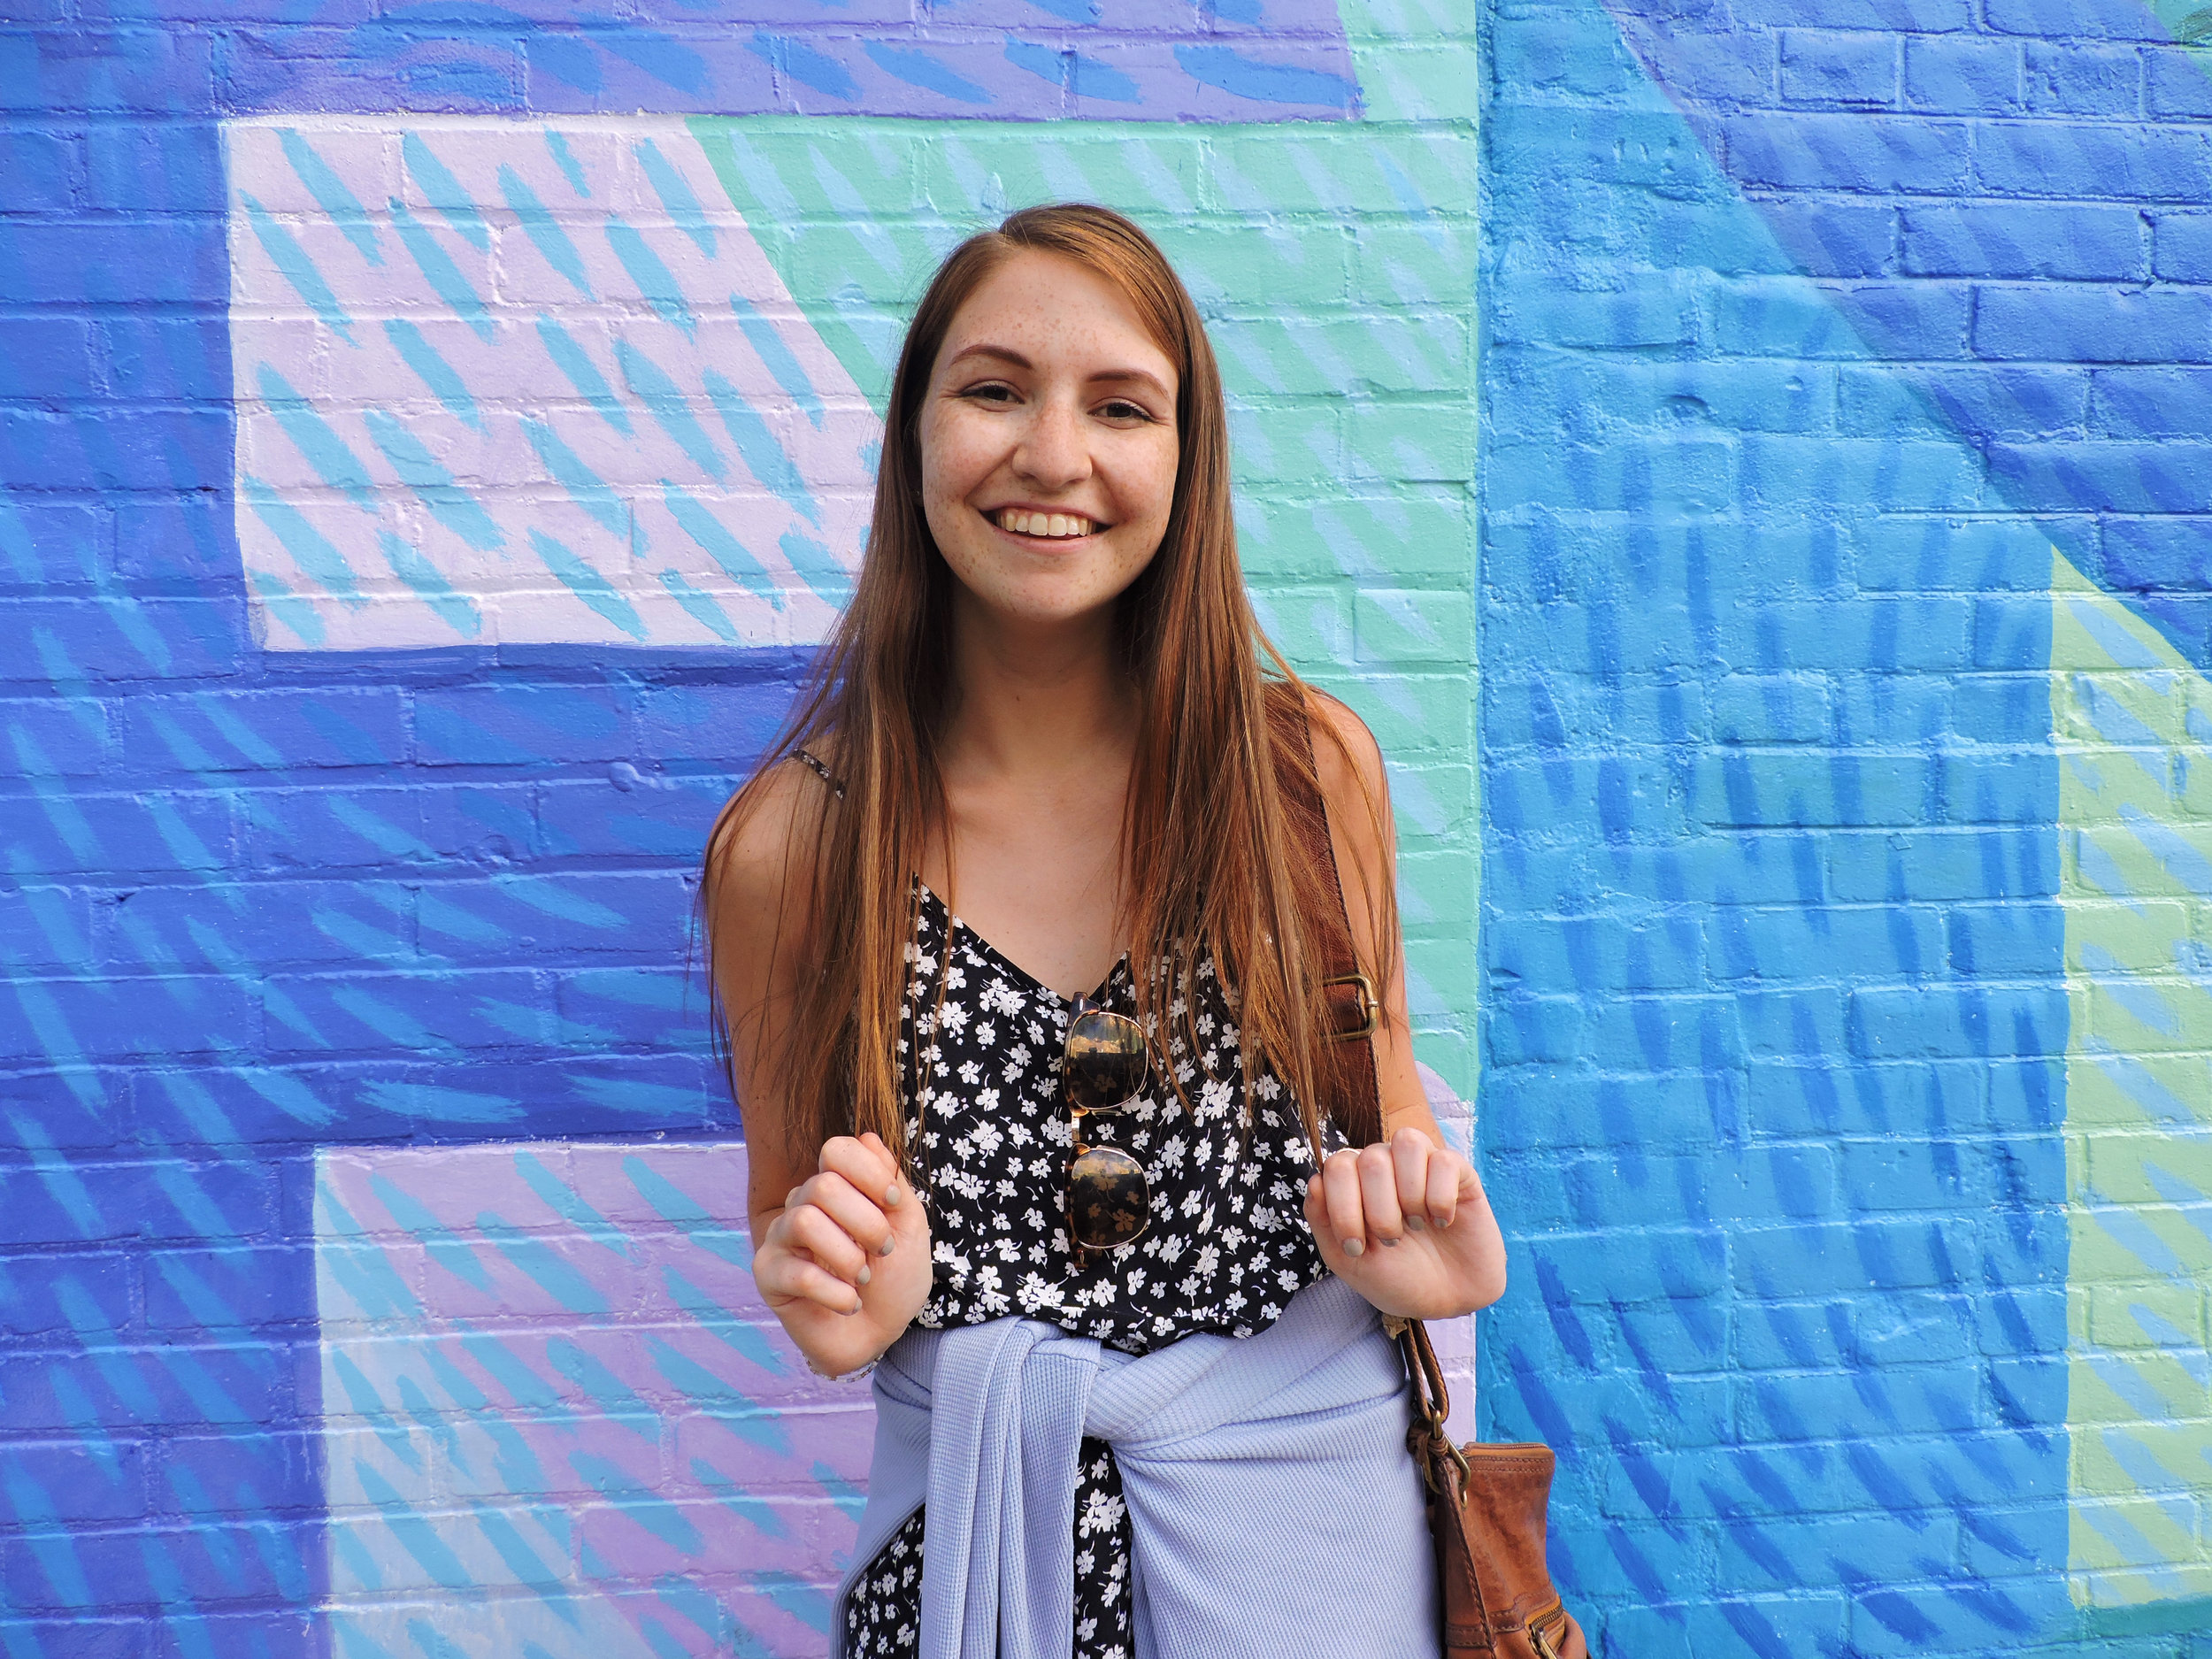 girlwallburlingtonvermontcolorfulsummer